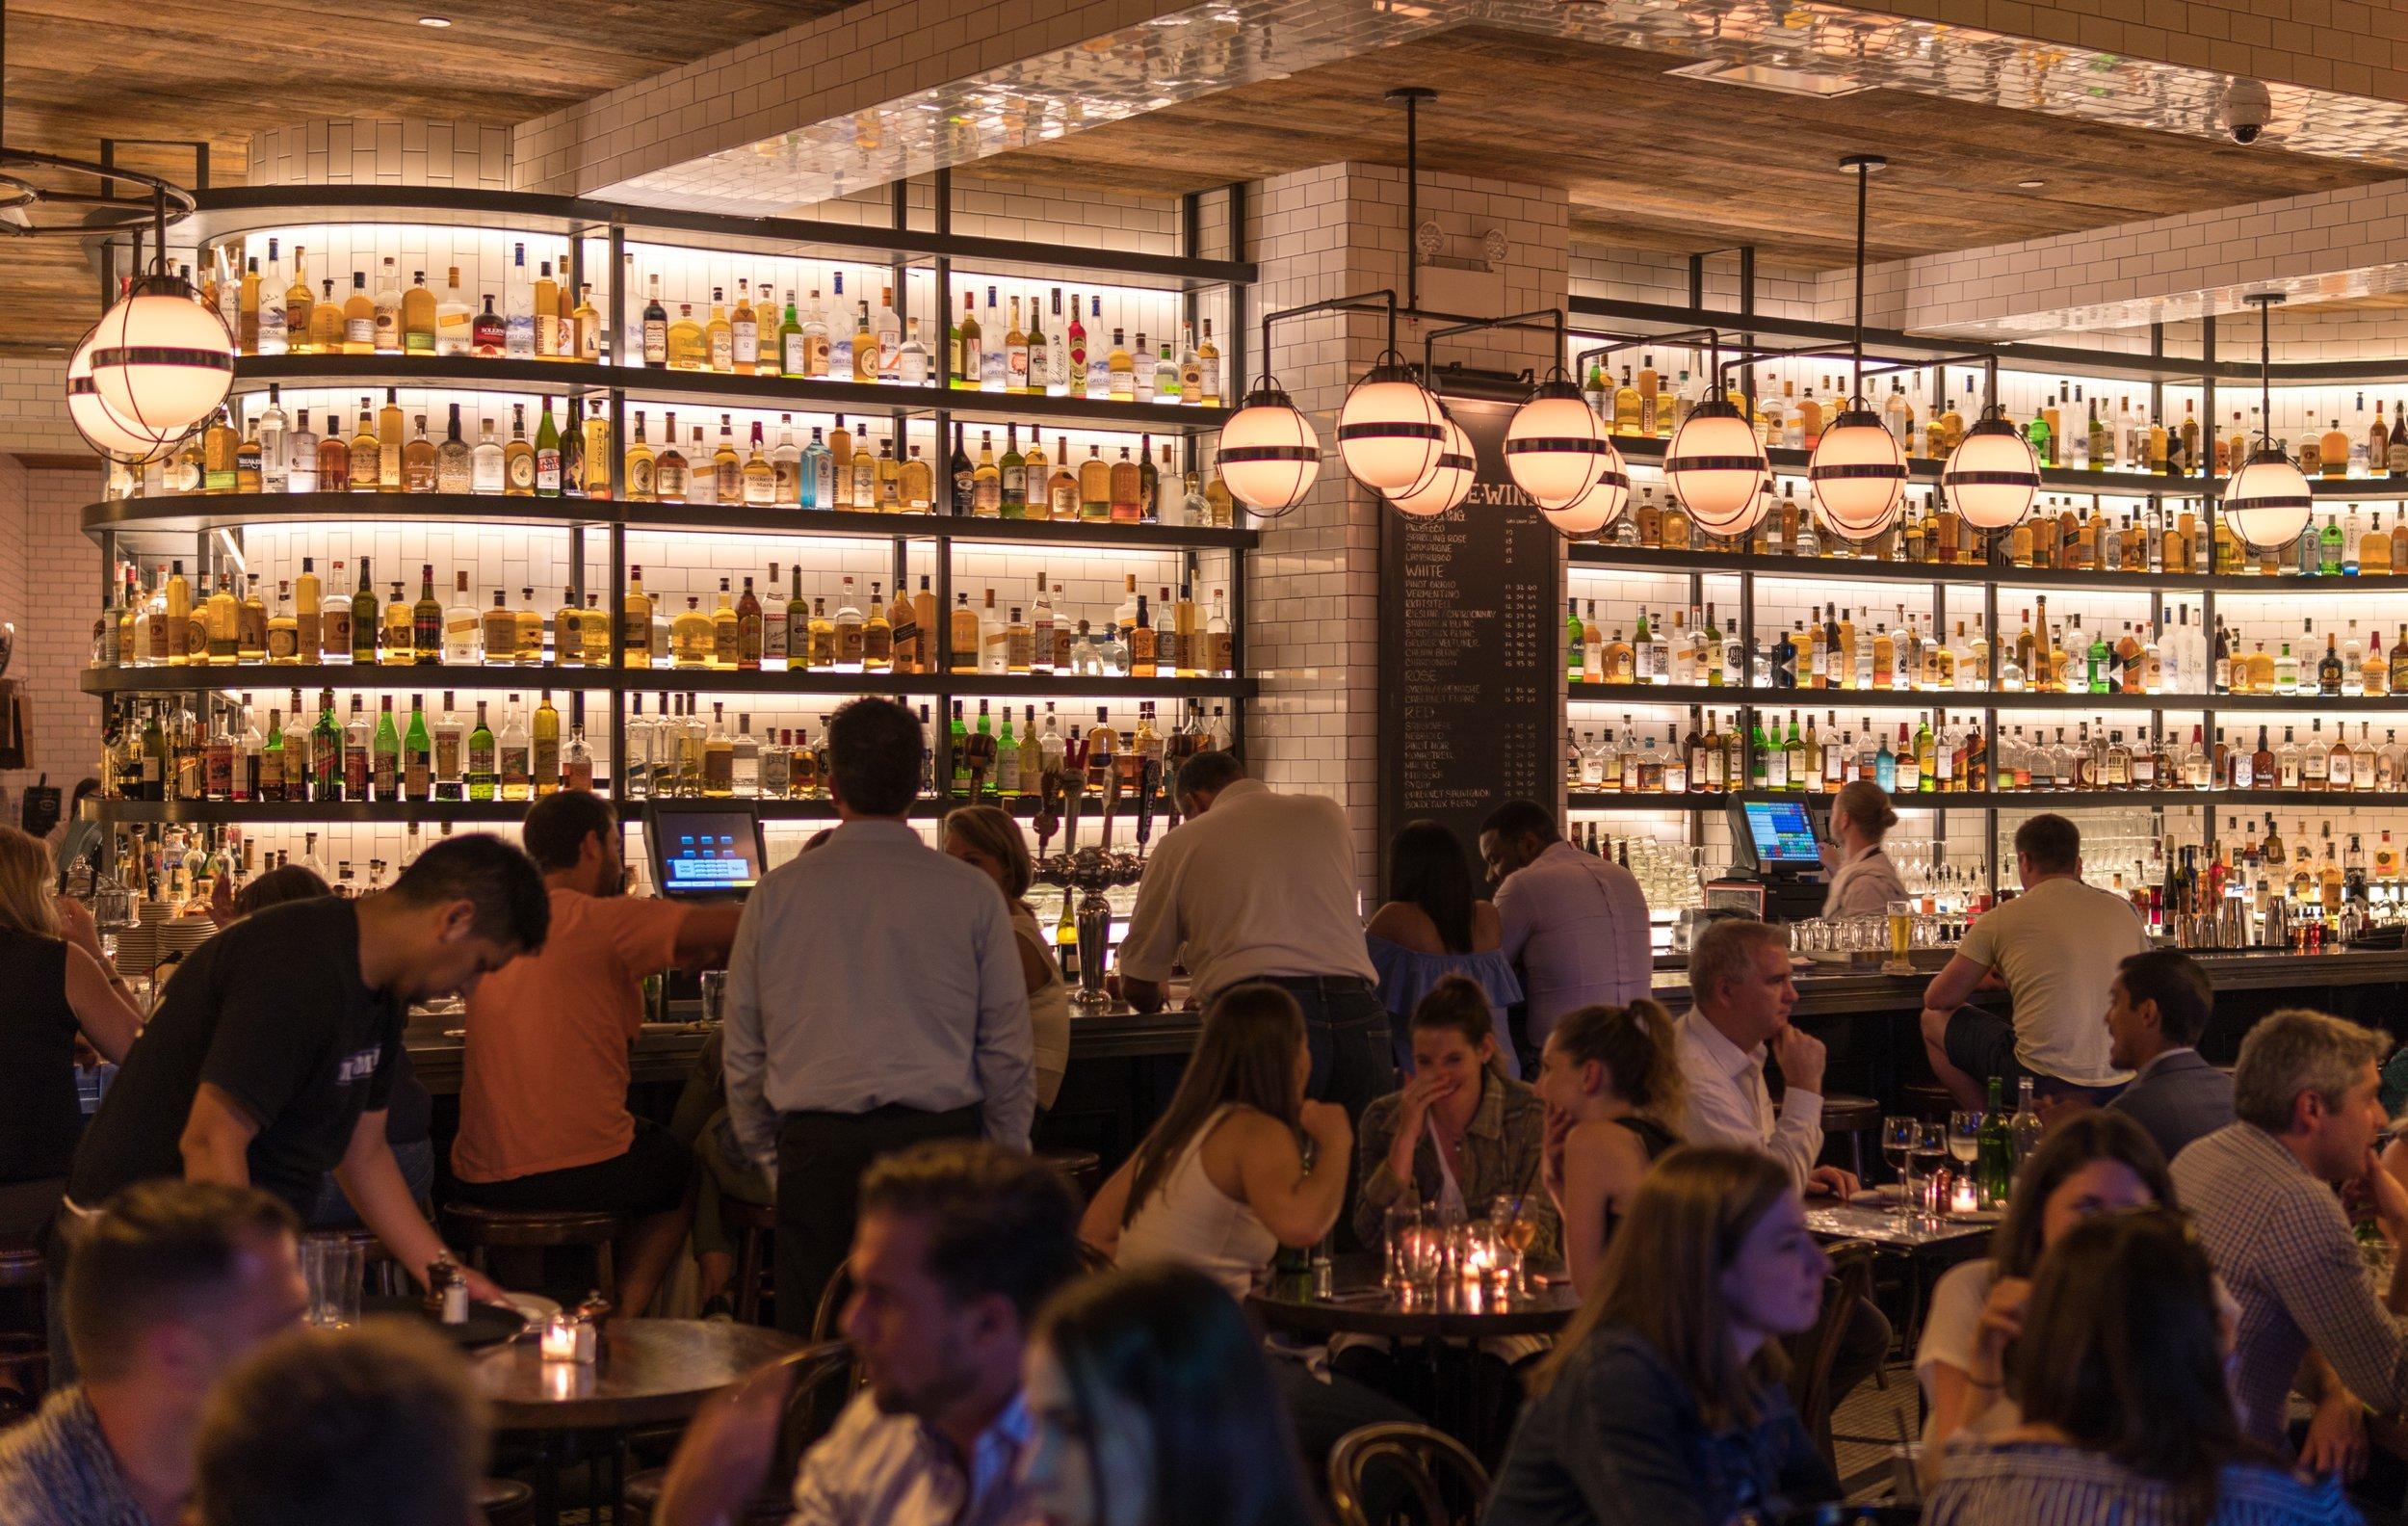 bar-city-commerce-1058277.jpg